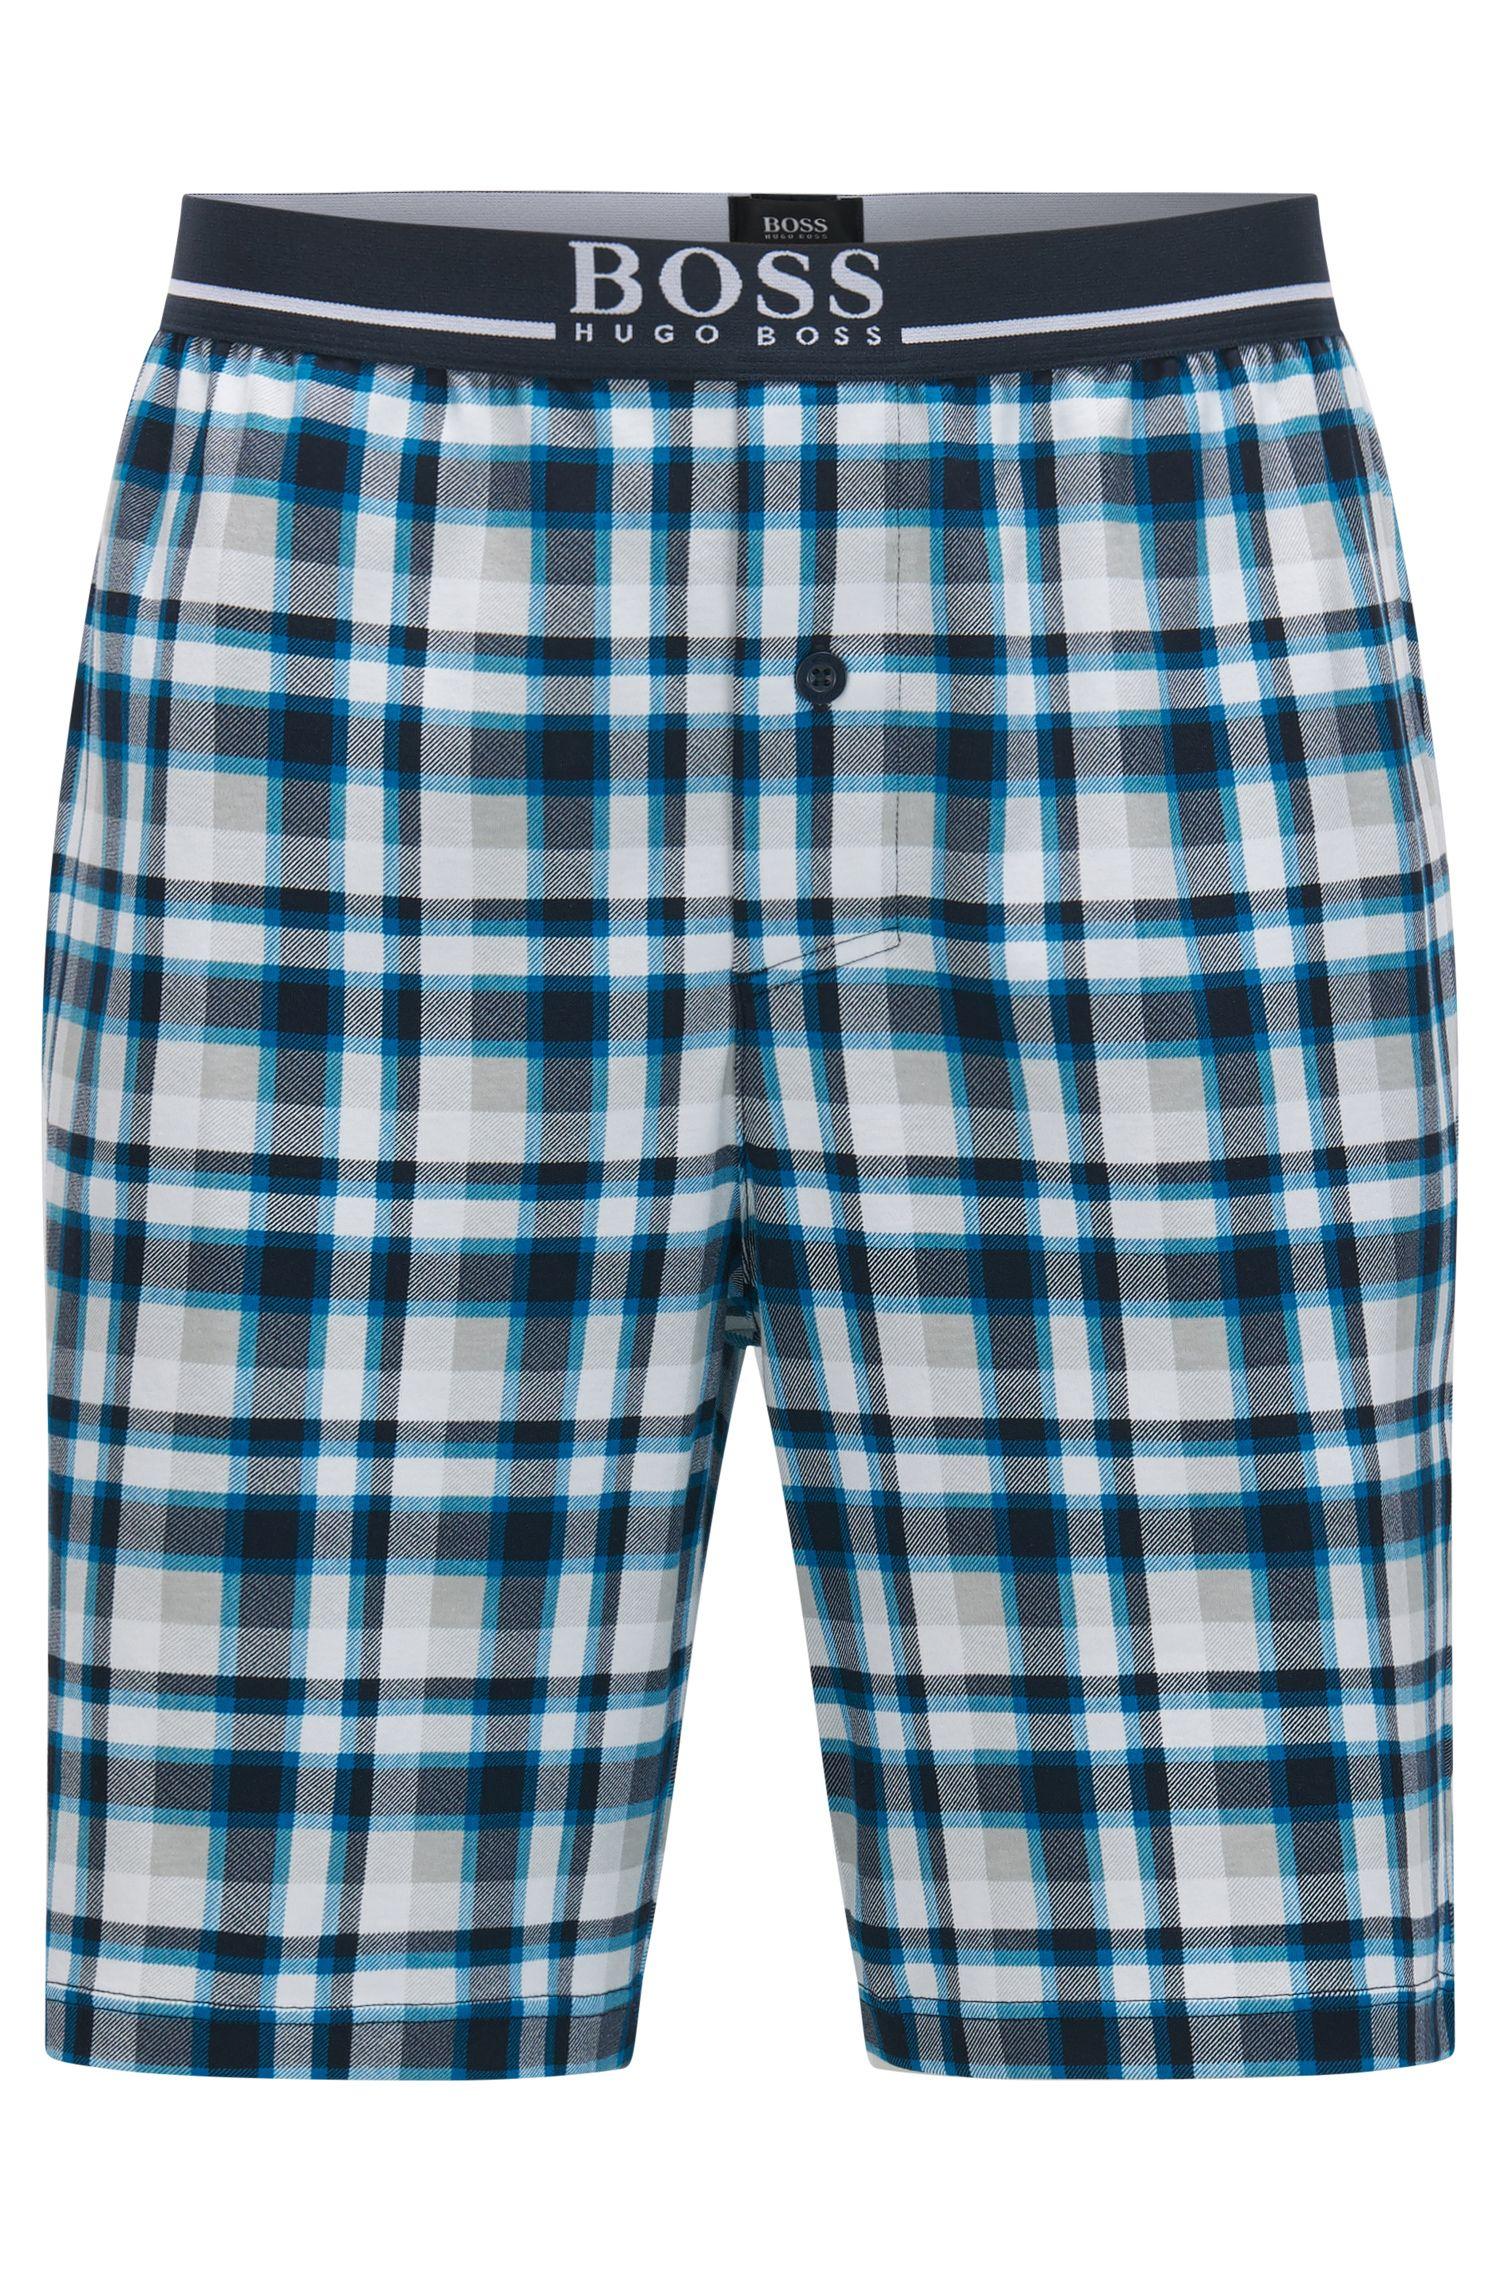 Short de pyjama en coton interlock à motif à carreaux.